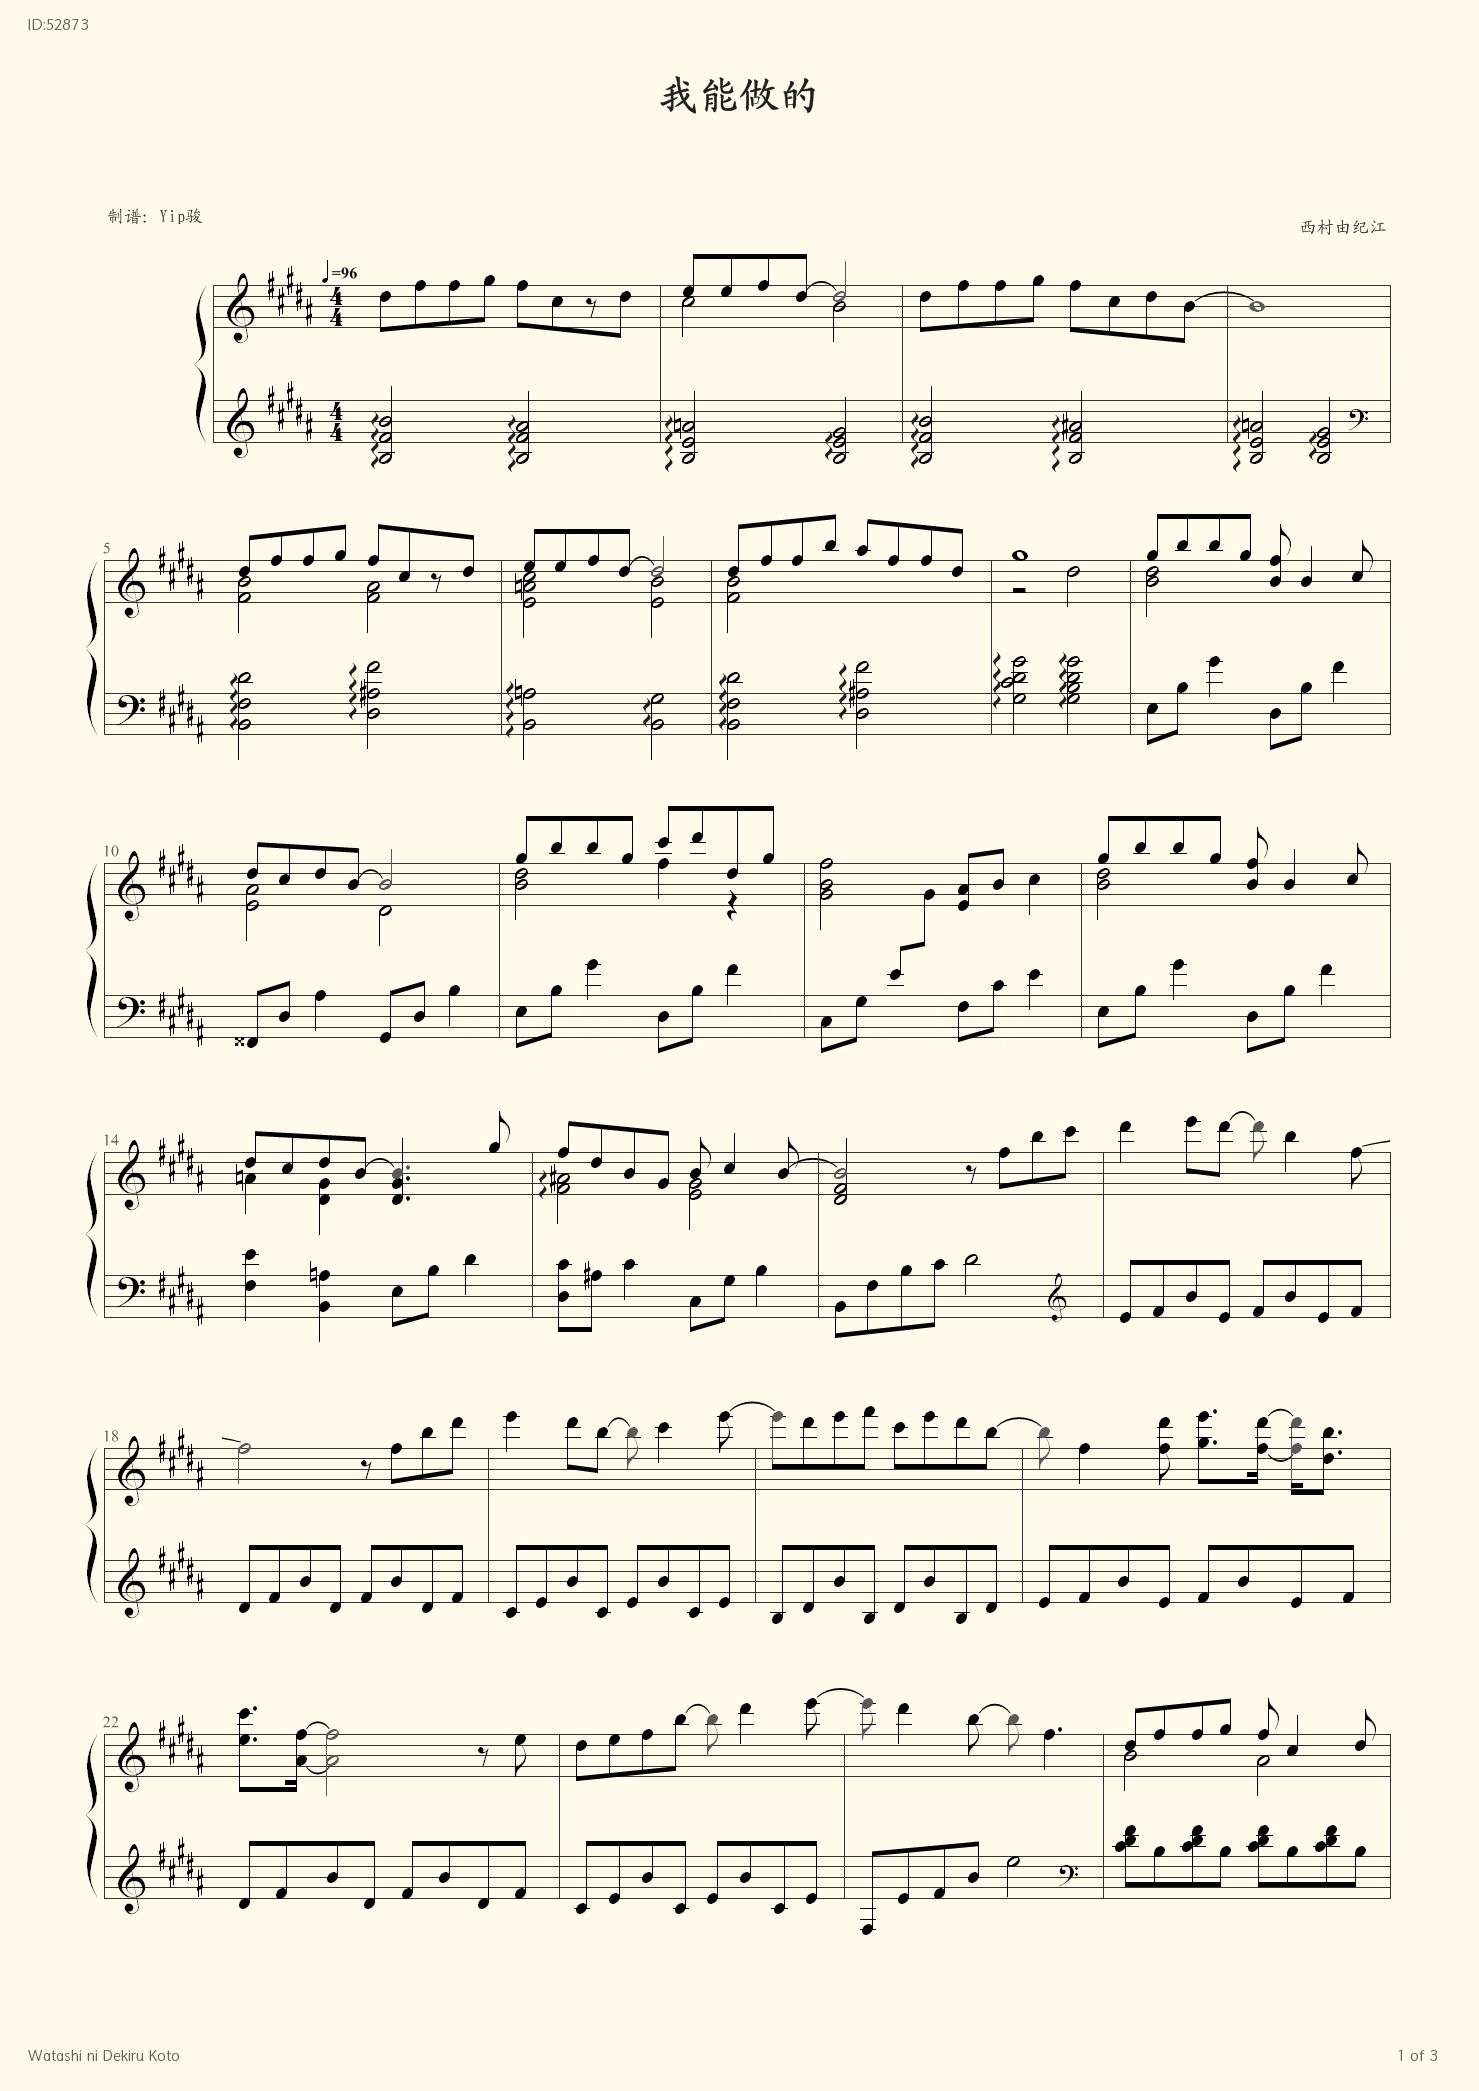 Watashi ni Dekiru Koto - Yukie Nishimura - first page